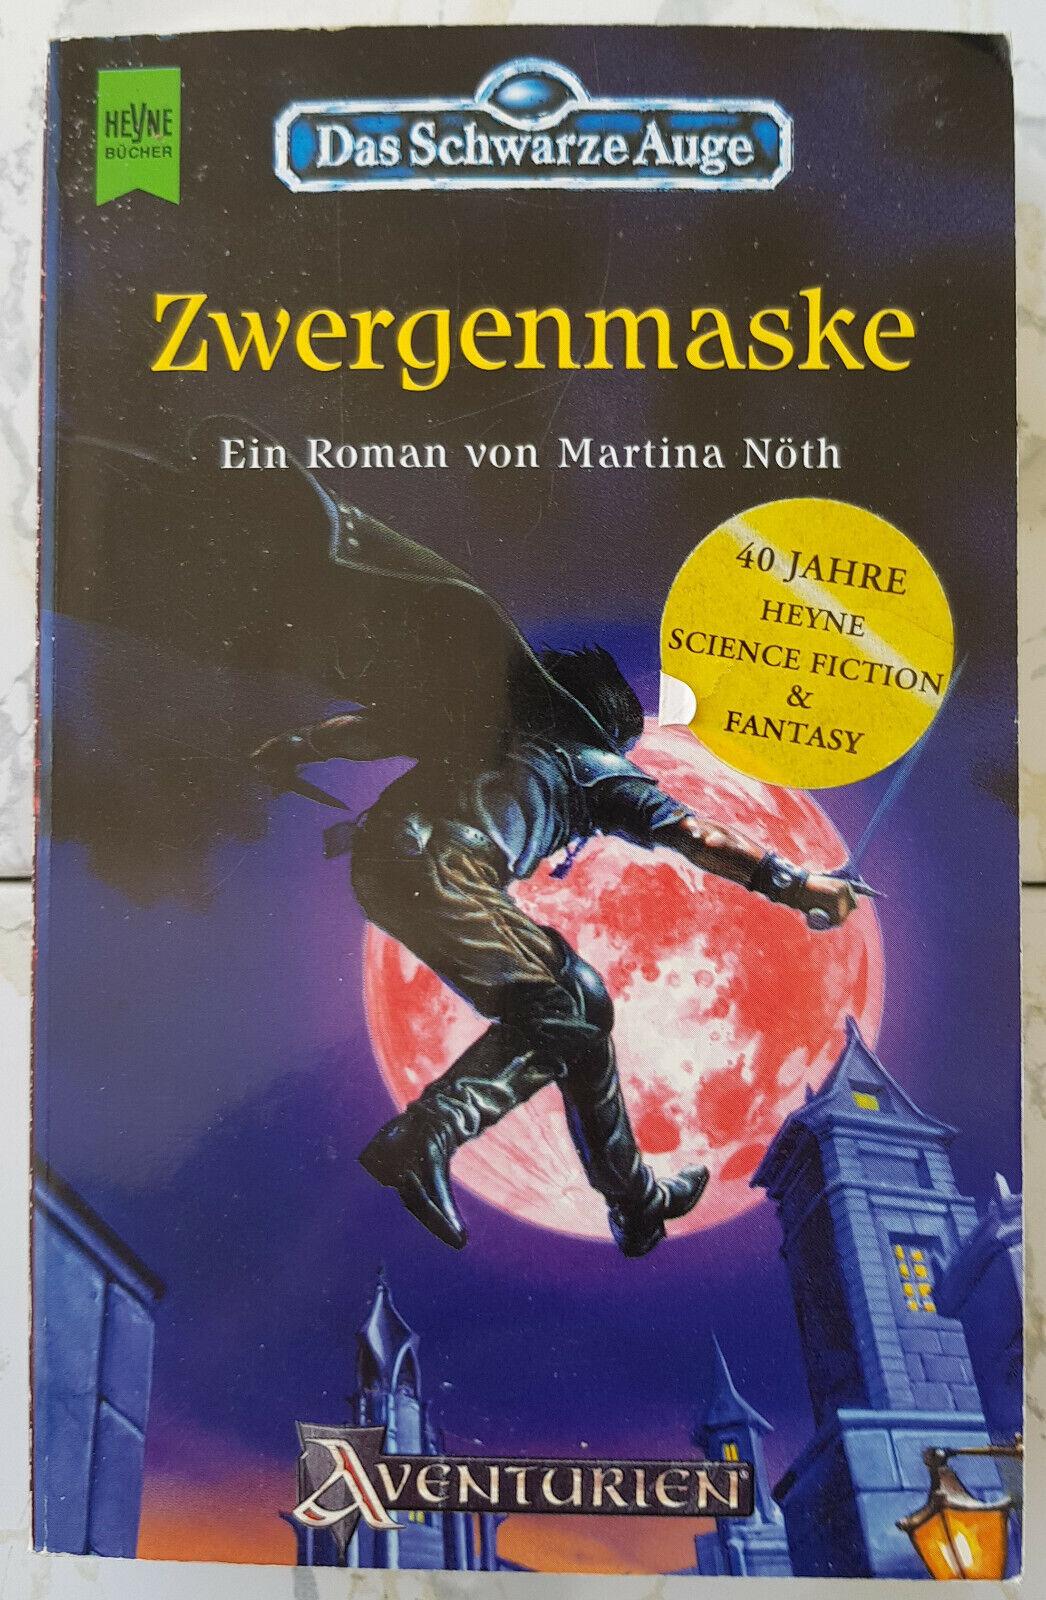 DSA - Zwergenmaske (ISBN 9783453178854) (2000), DAS SCHWARZE AUGE